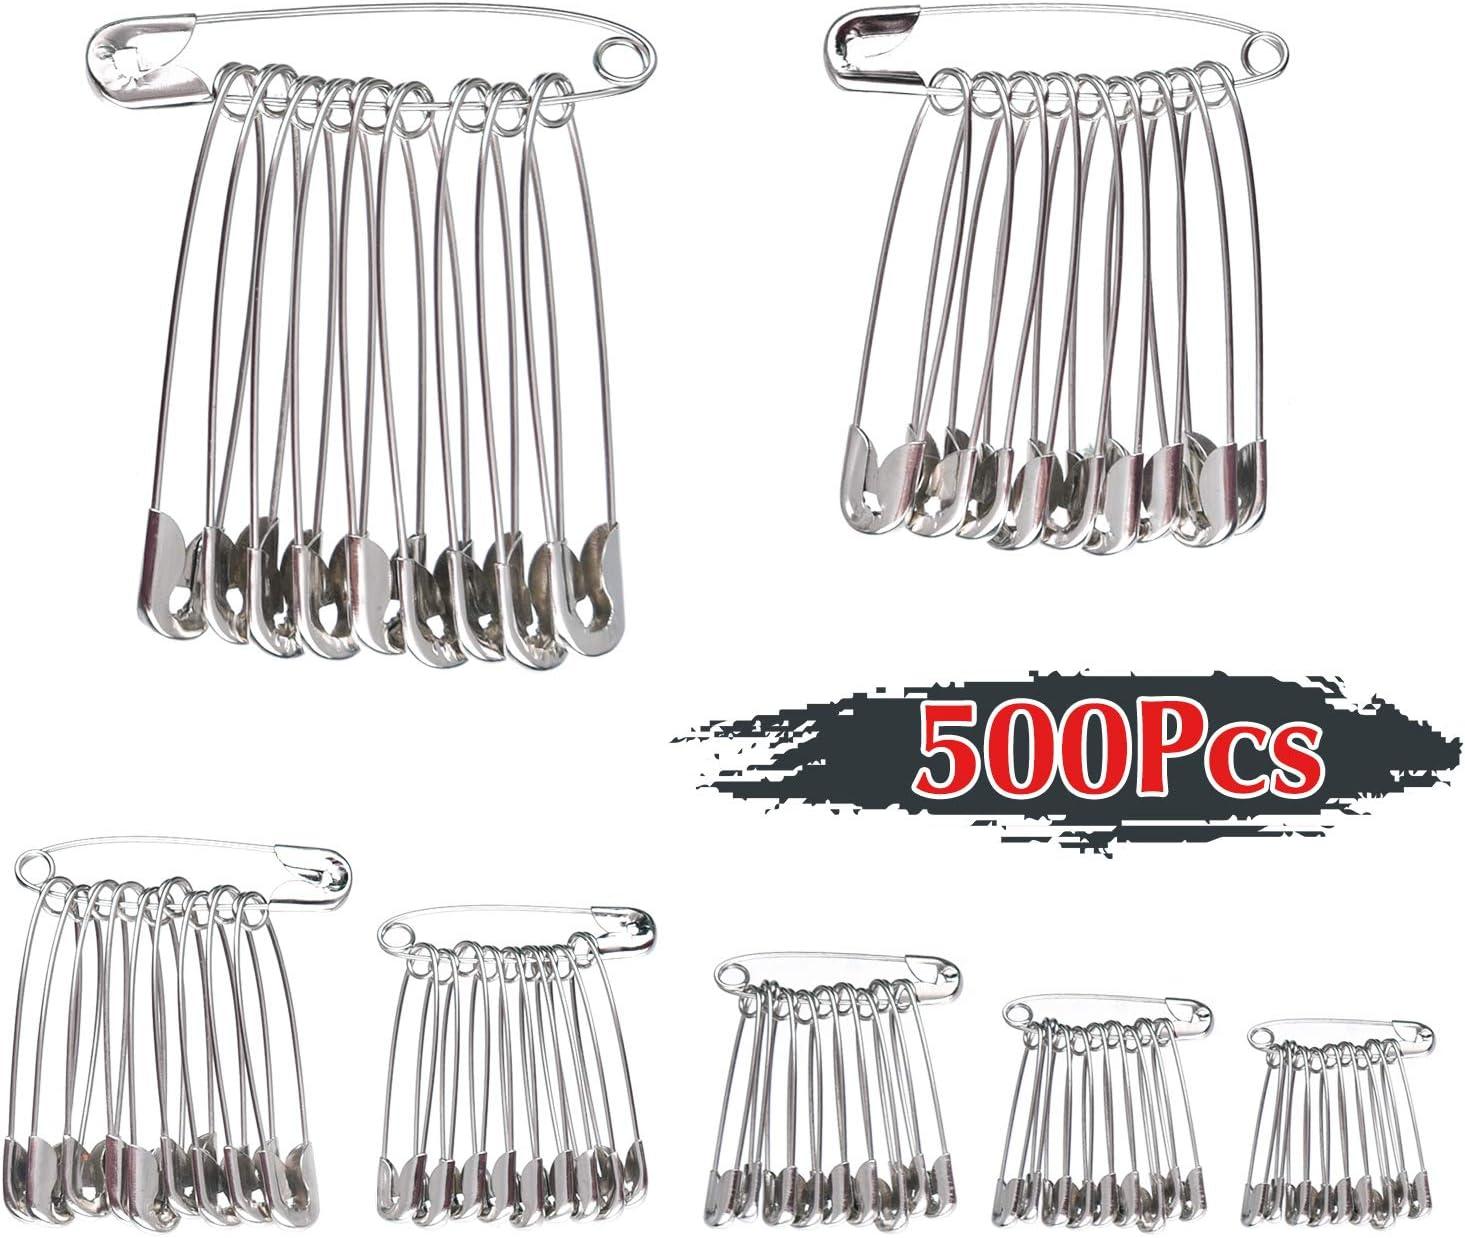 7 Tallas TUPARKA 500Pcs Imperdibles,19 mm a 54mm para uso en el hogar Marca de joyer/ía de arte DIY con caja de almacenamiento